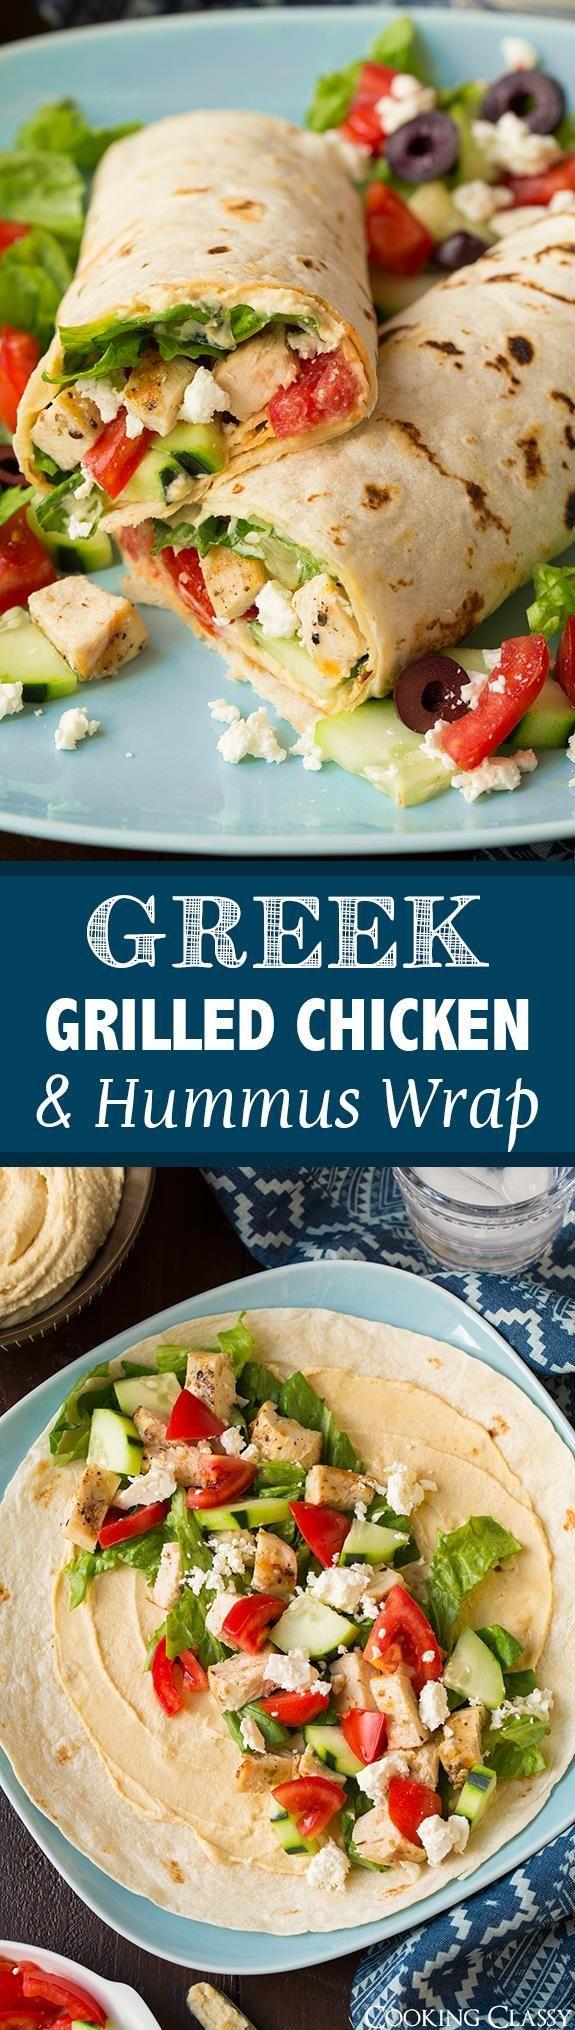 Greek Grilled Chicken & Hummus Wrap